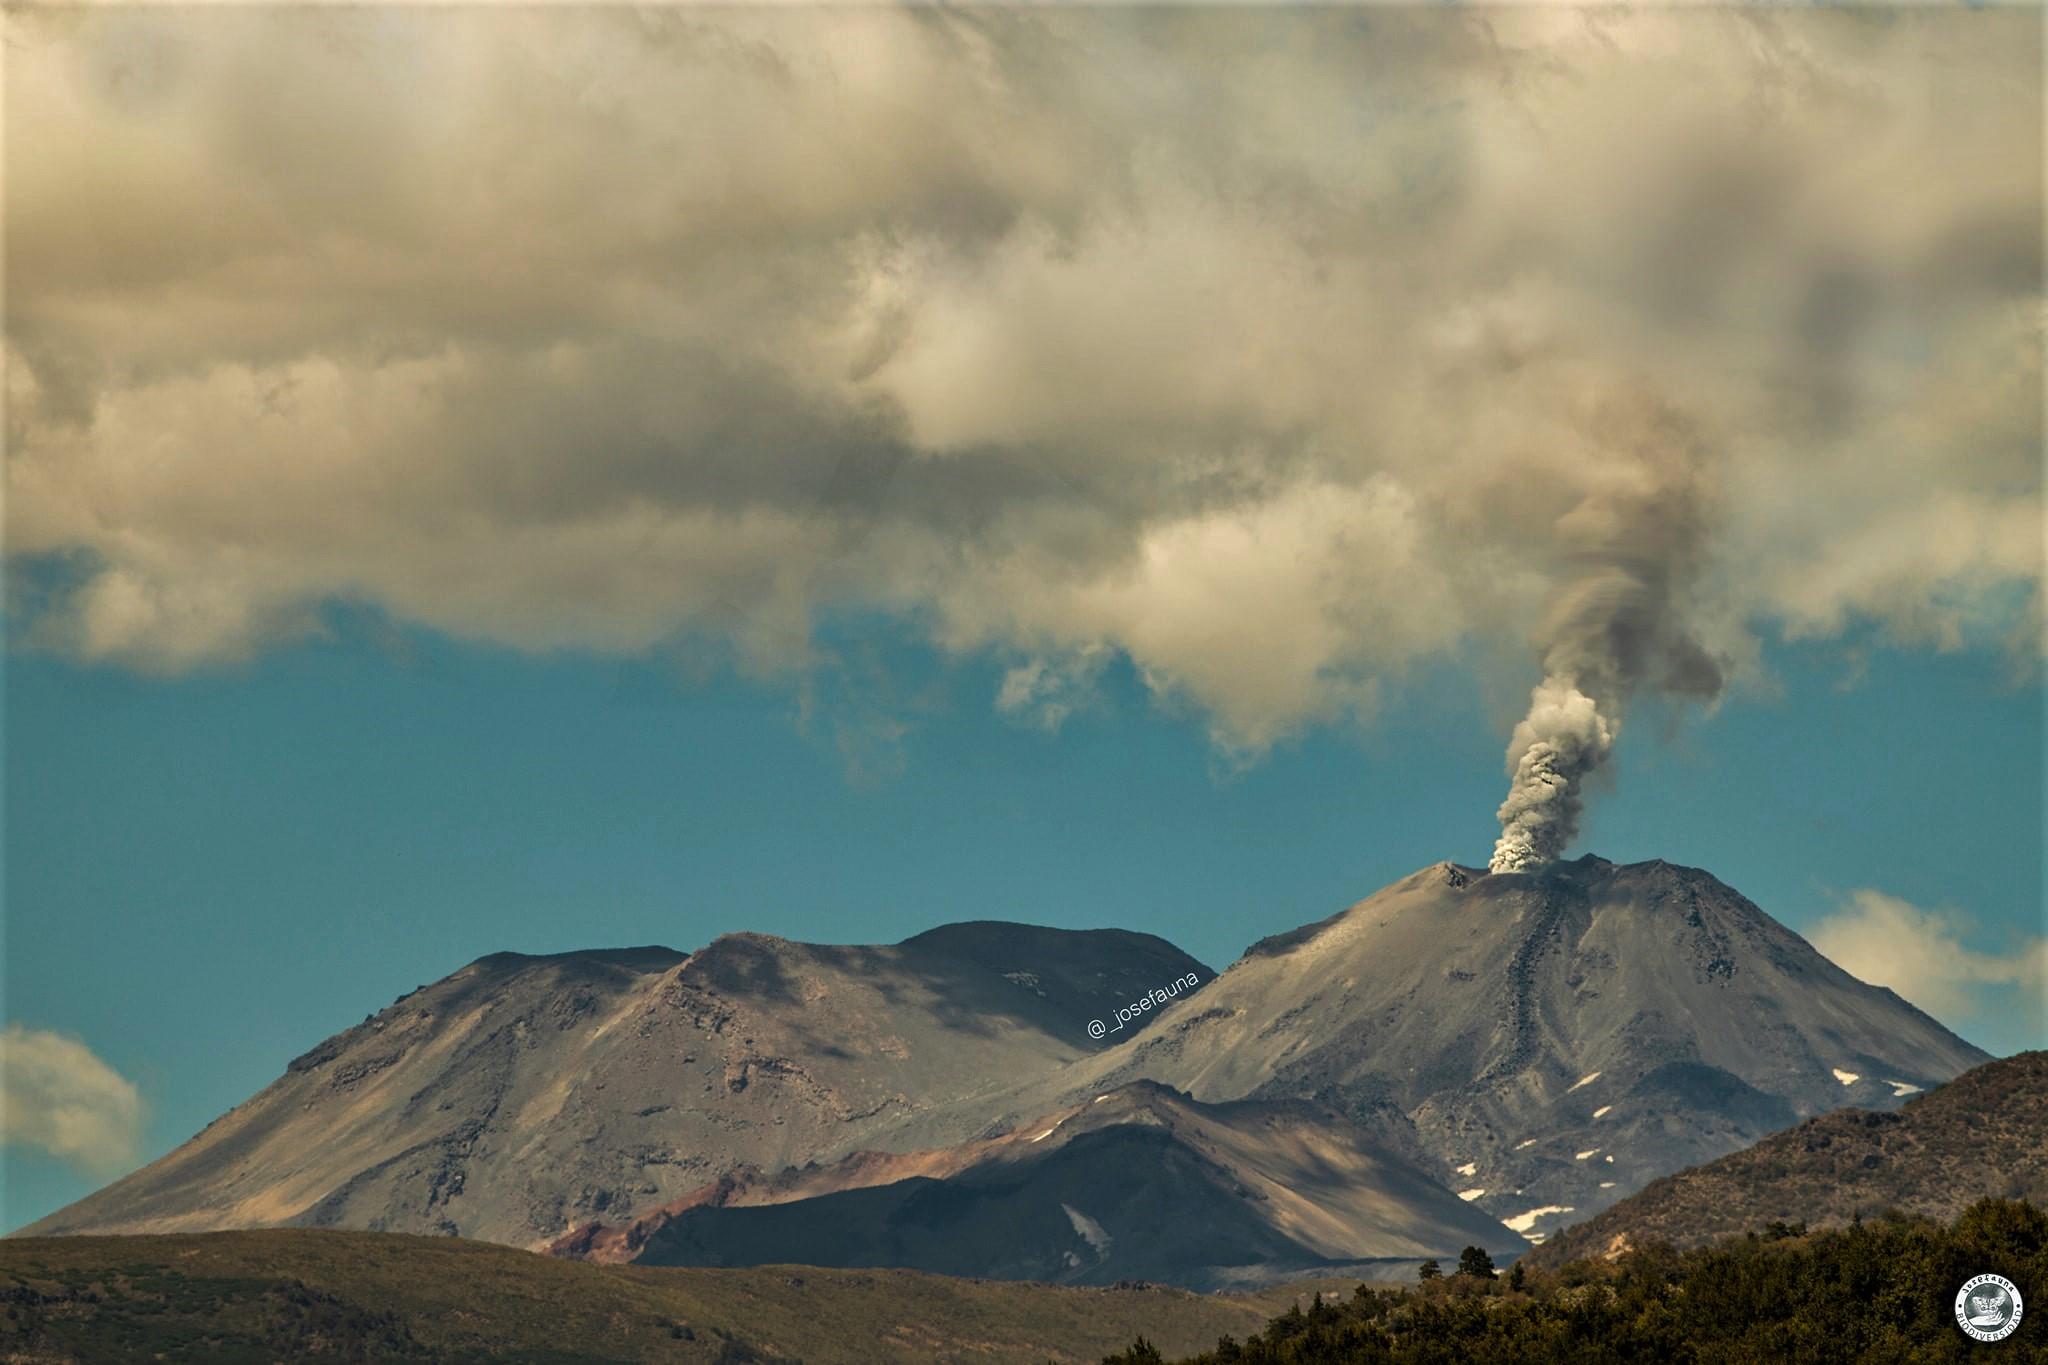 July 23, 2021. EN. Chile : Nevados de Chillan , Colombia : Nevado del Ruiz , Iceland : Geldingadalur / Fagradalsfjall , Philippines : Taal , Ecuador : Sangay , Mexico : Popocatepetl .